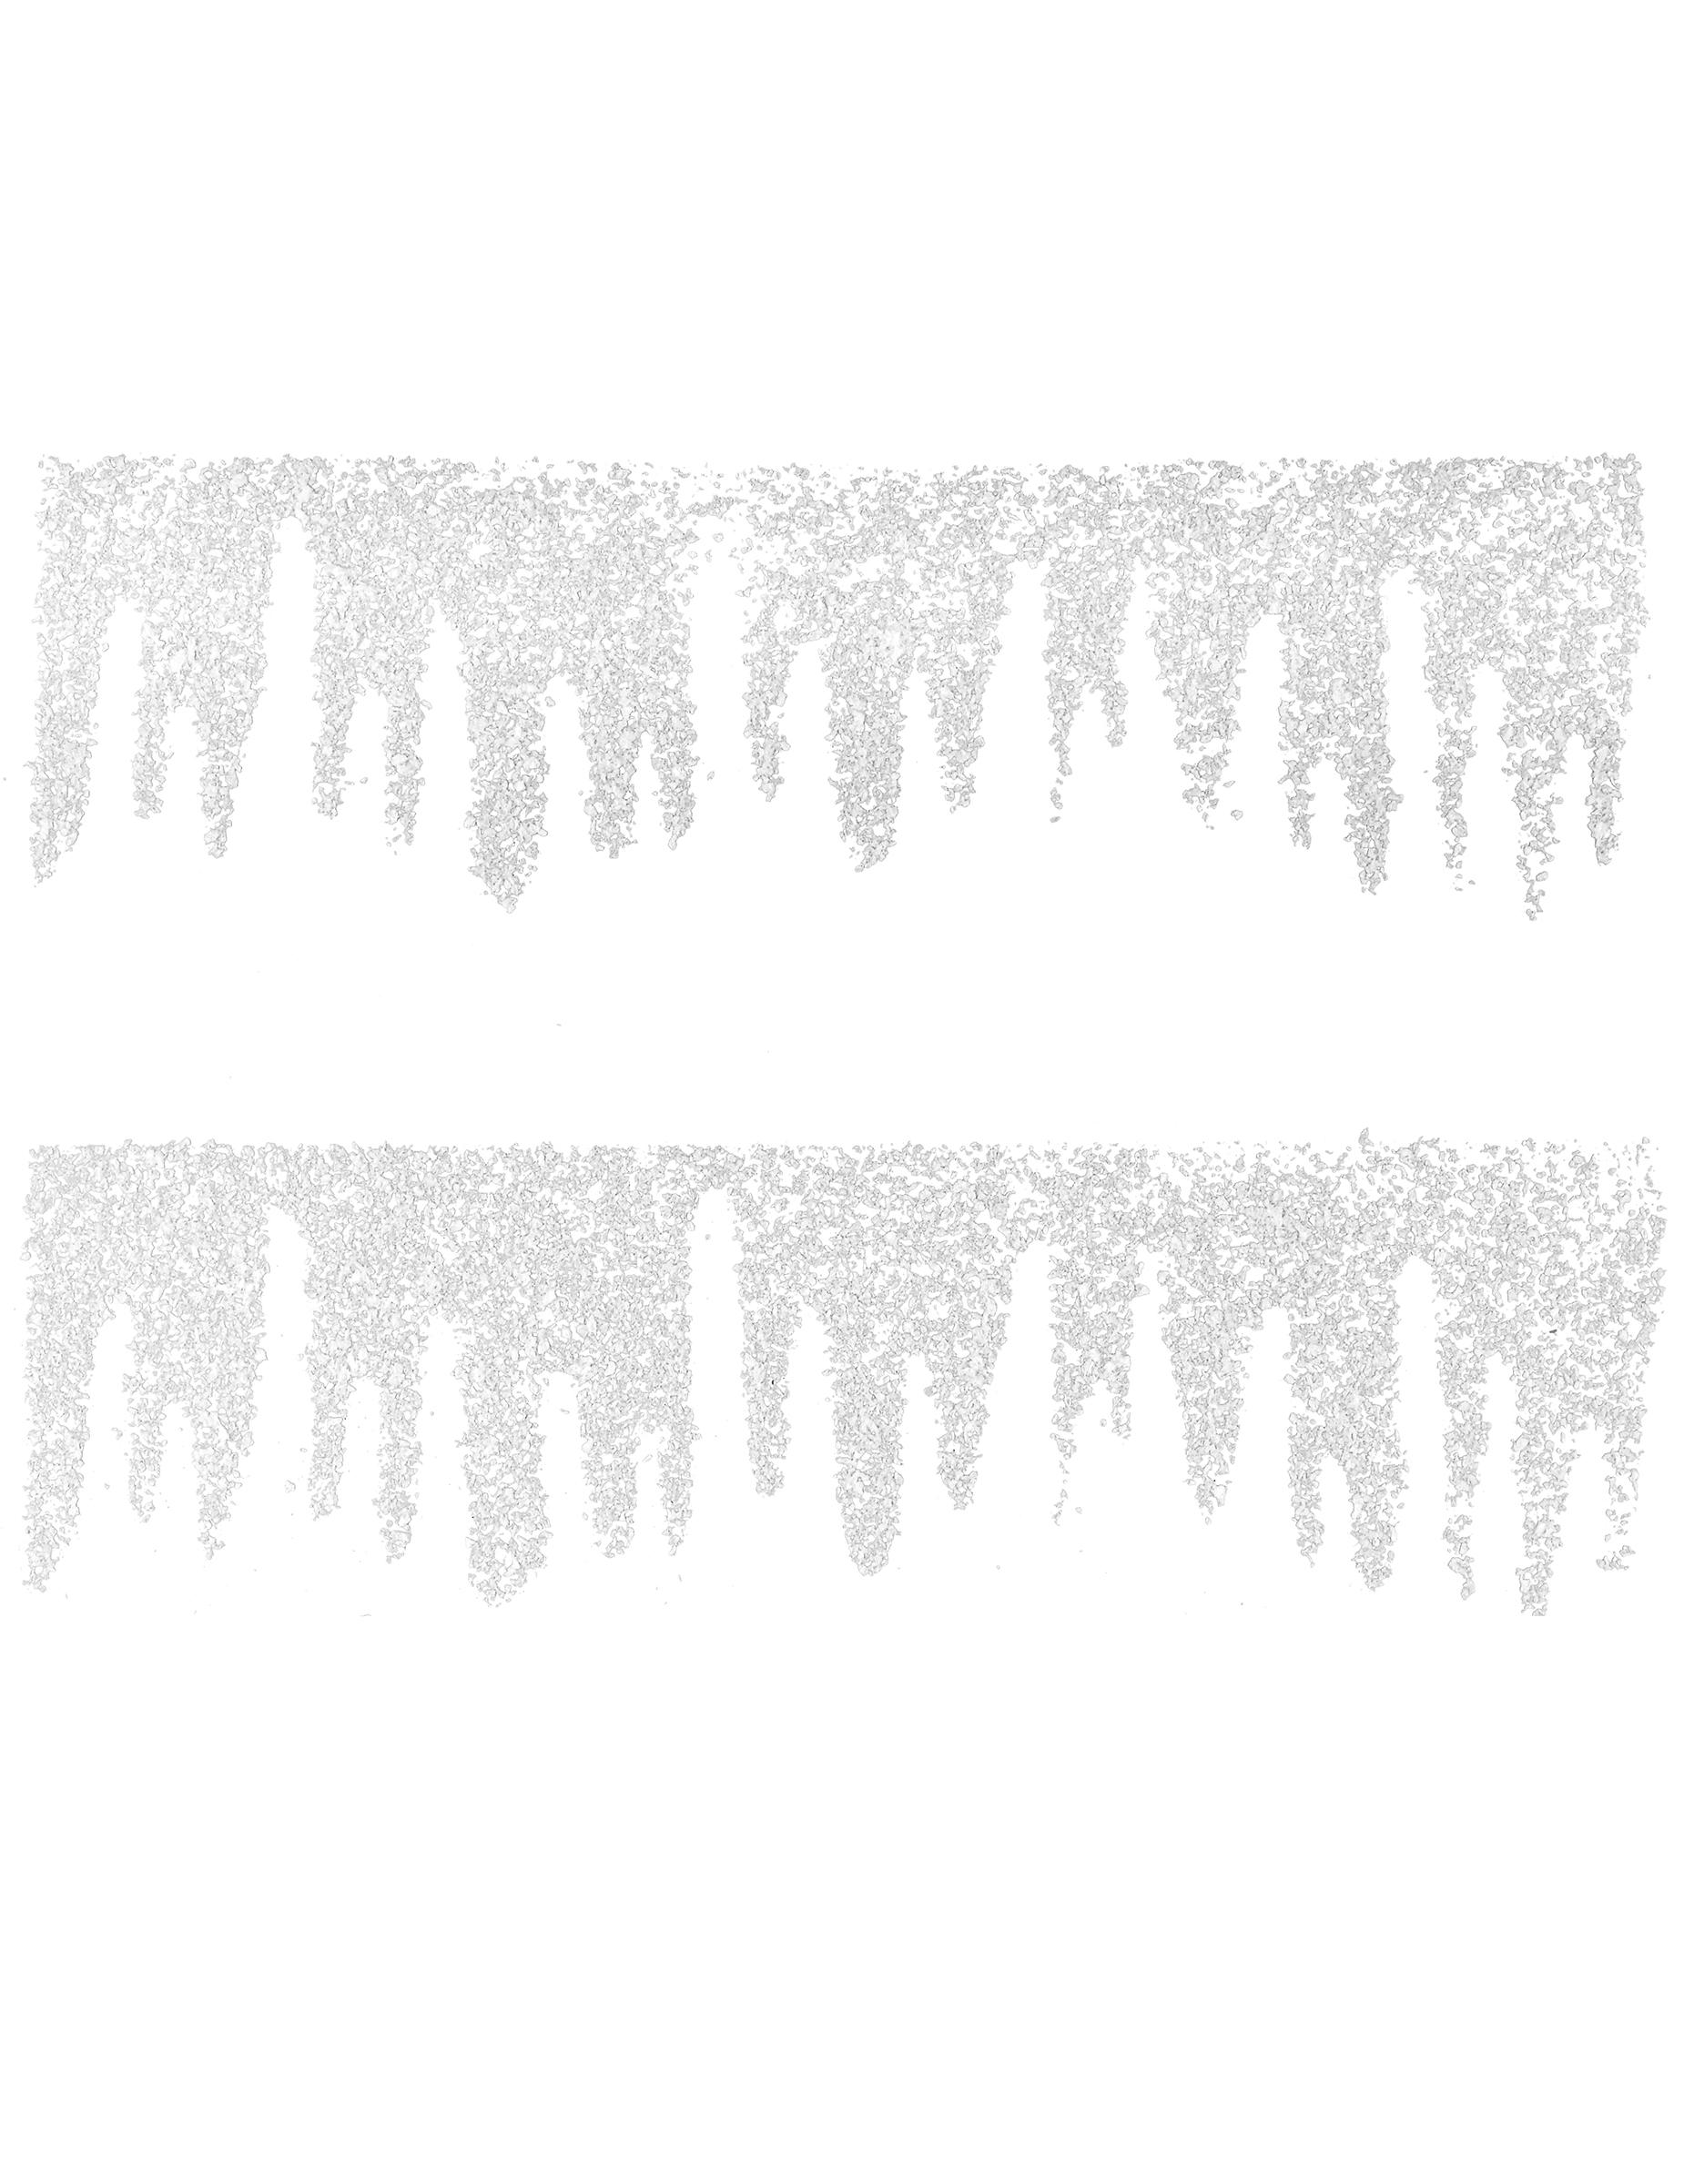 #666666 Décoration Neige De Noël électrostatique Pour Fenêtre  5443 décorations de noel grossiste 1850x2400 px @ aertt.com